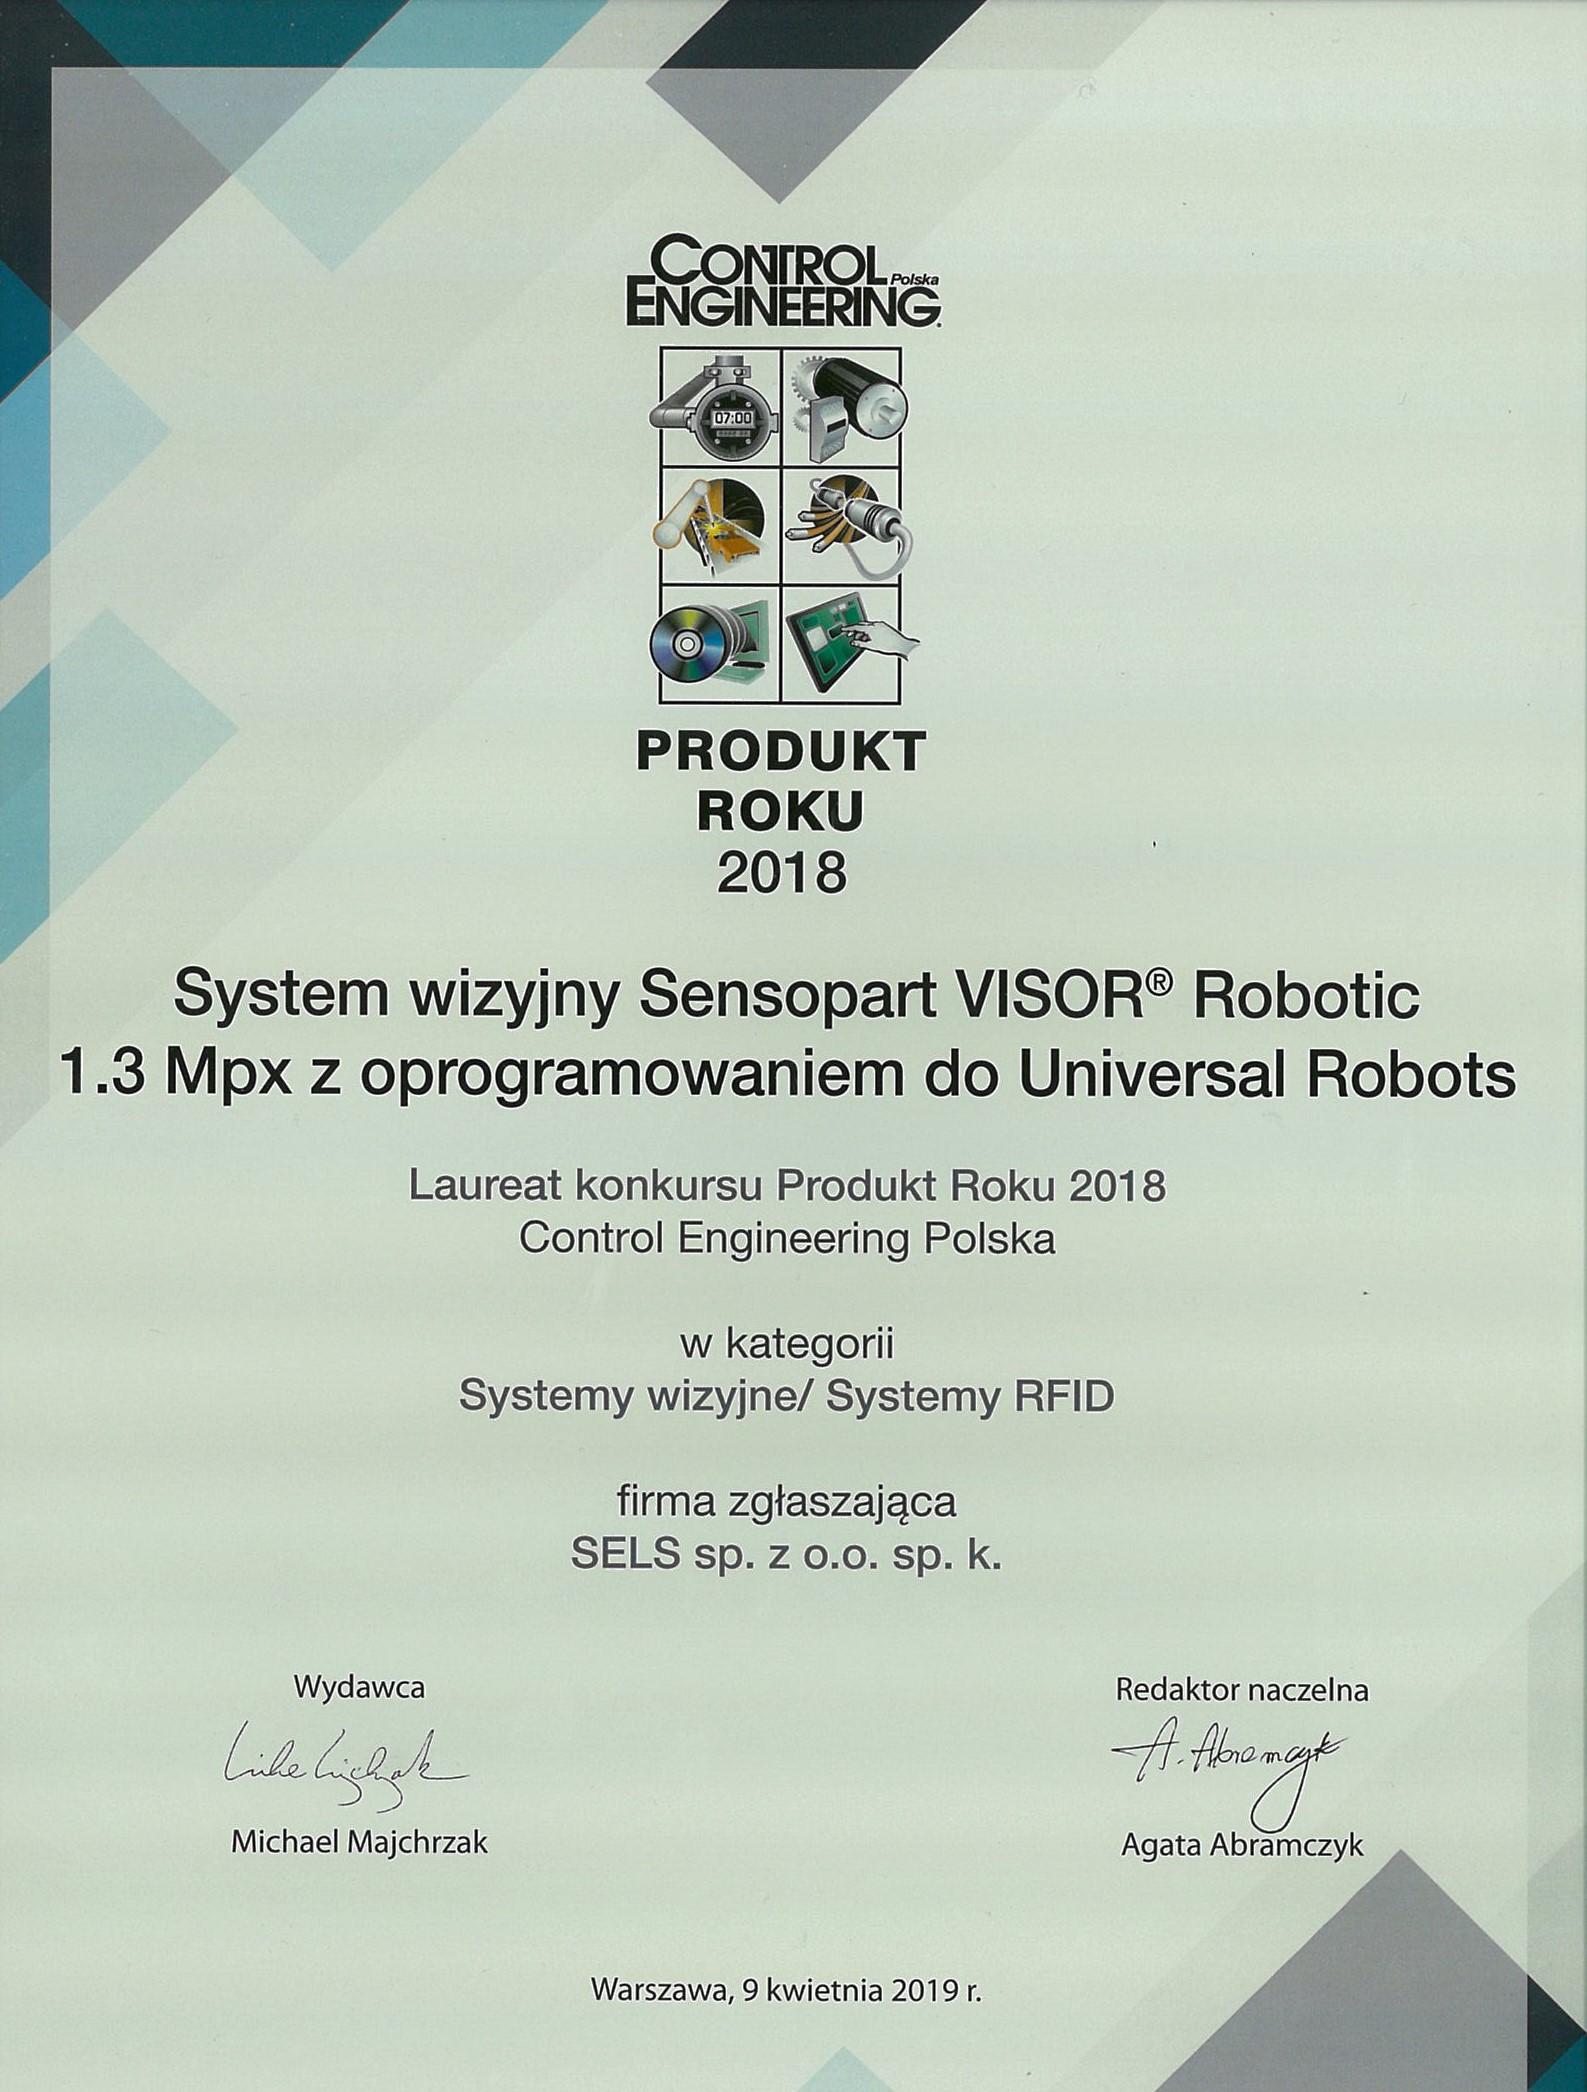 VISOR ROBOTIC_produkt roku 2018